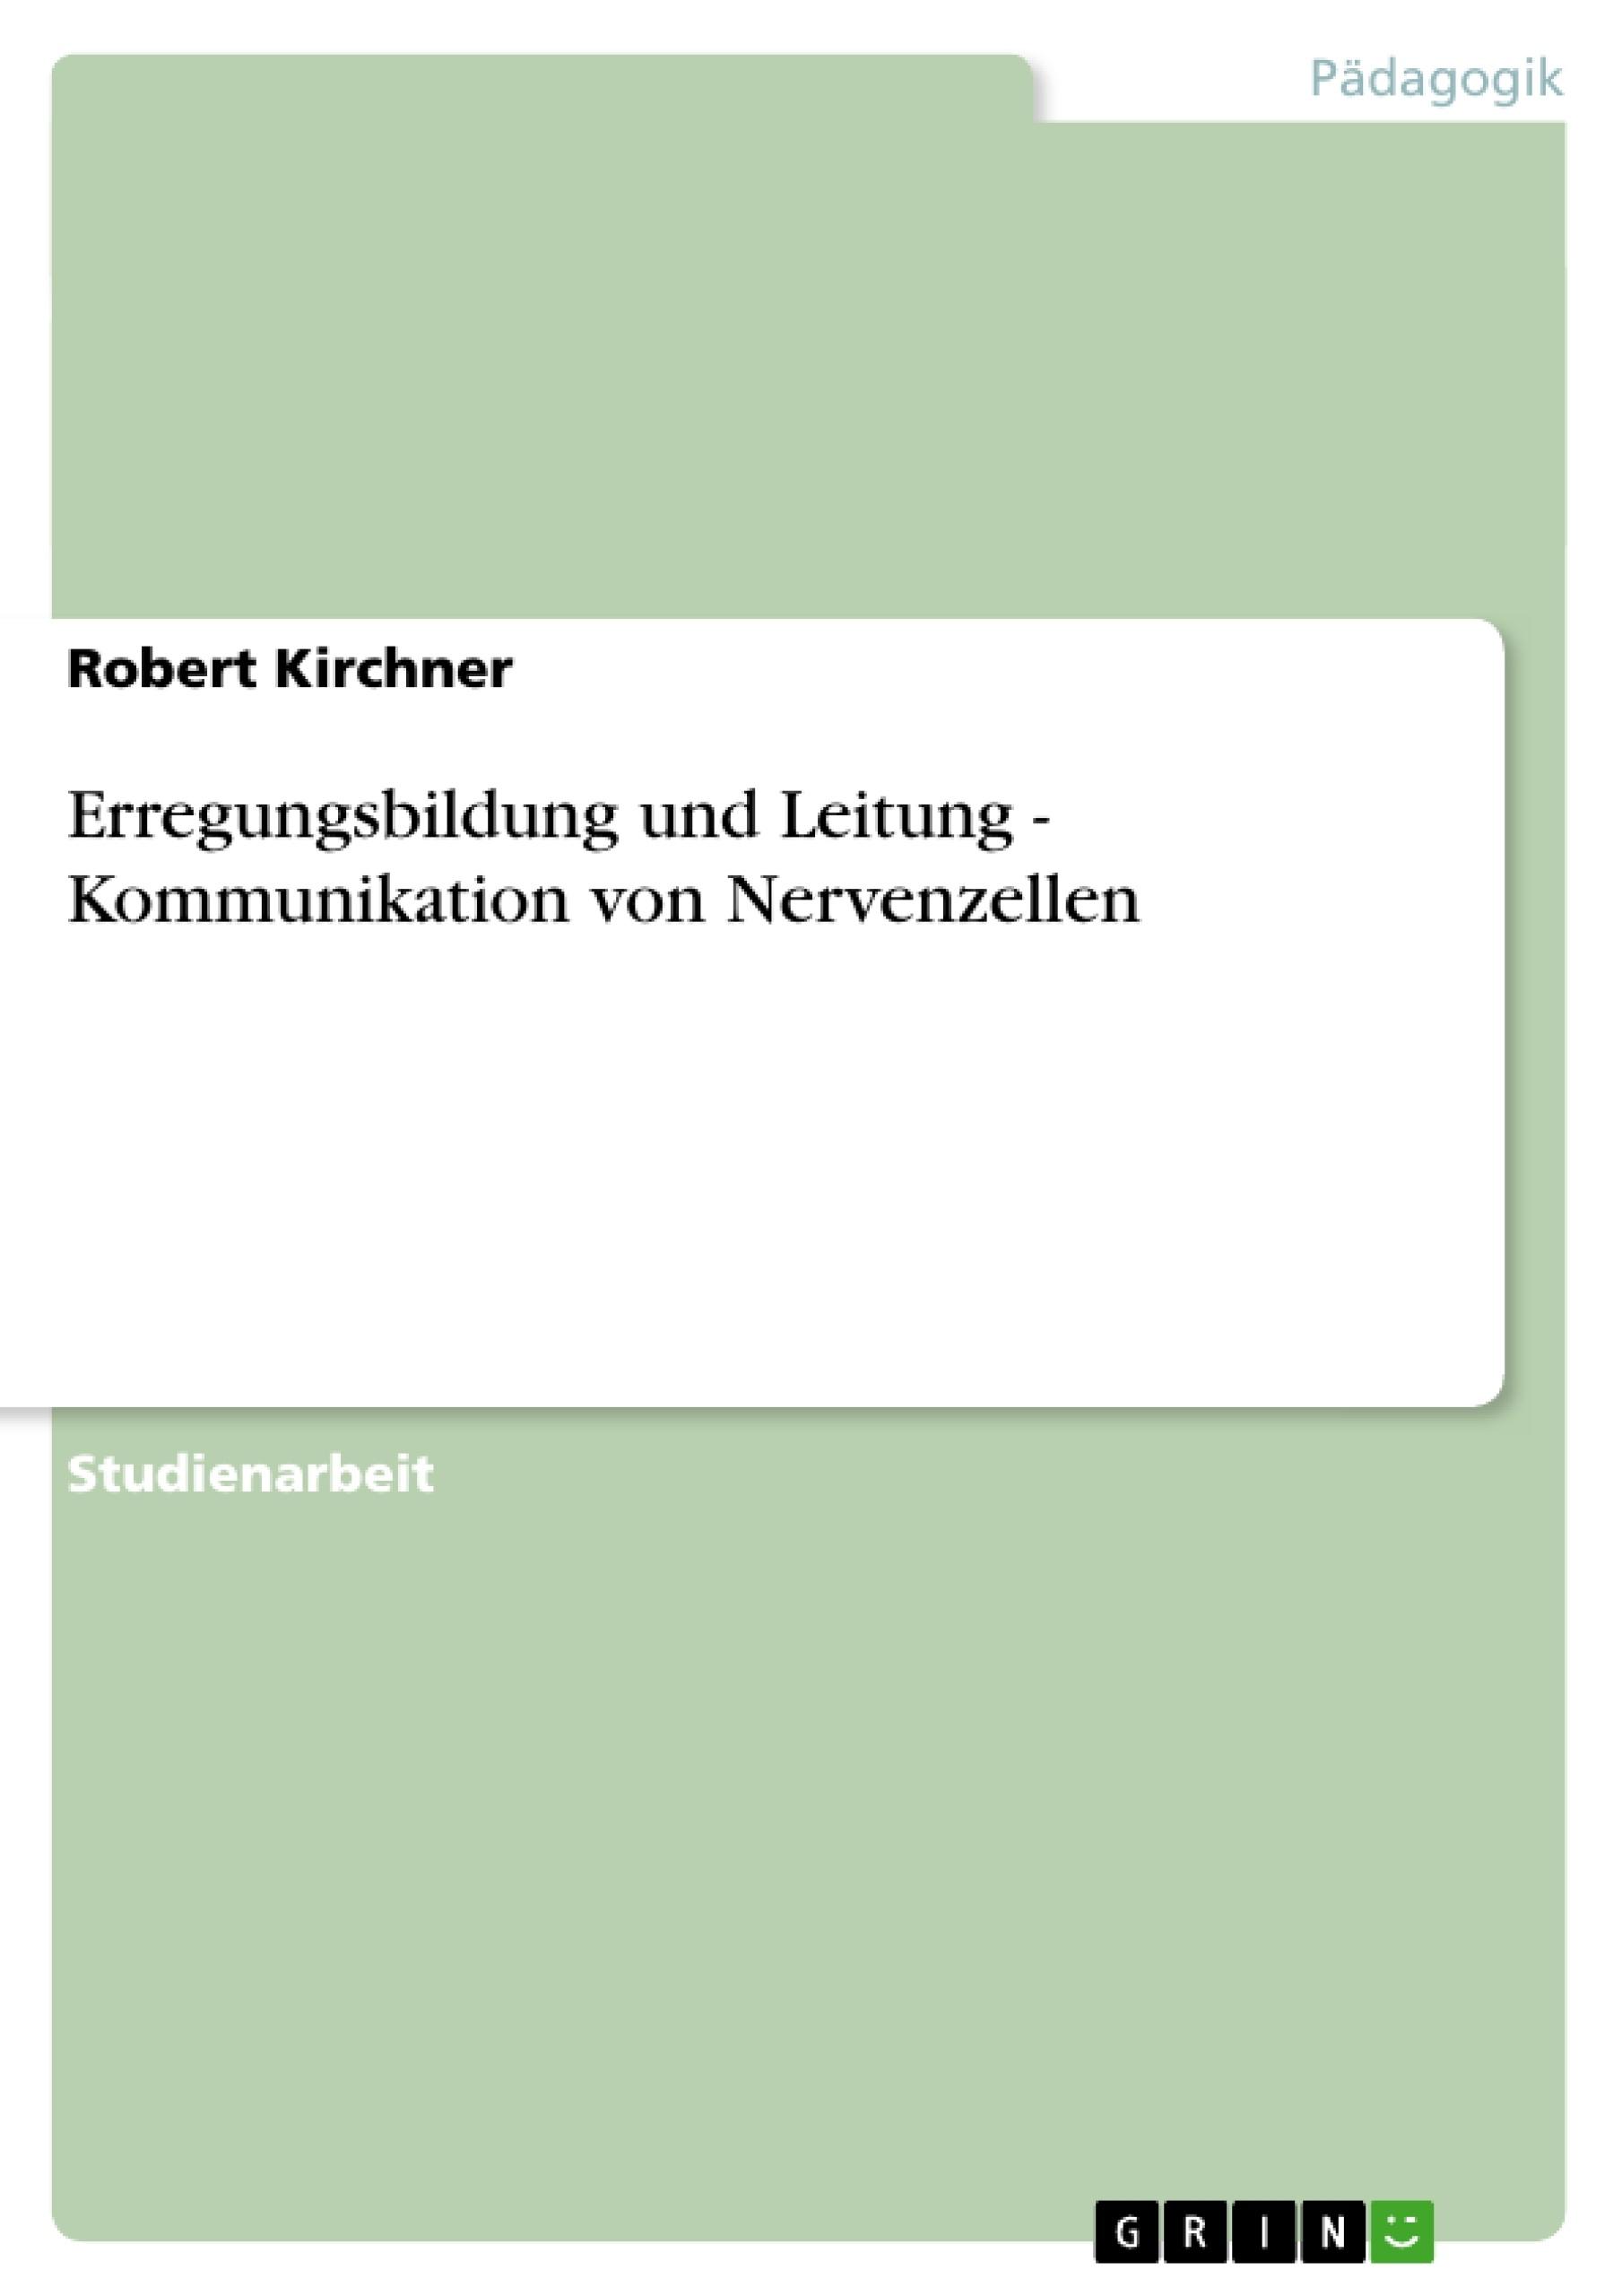 Titel: Erregungsbildung und Leitung - Kommunikation von Nervenzellen